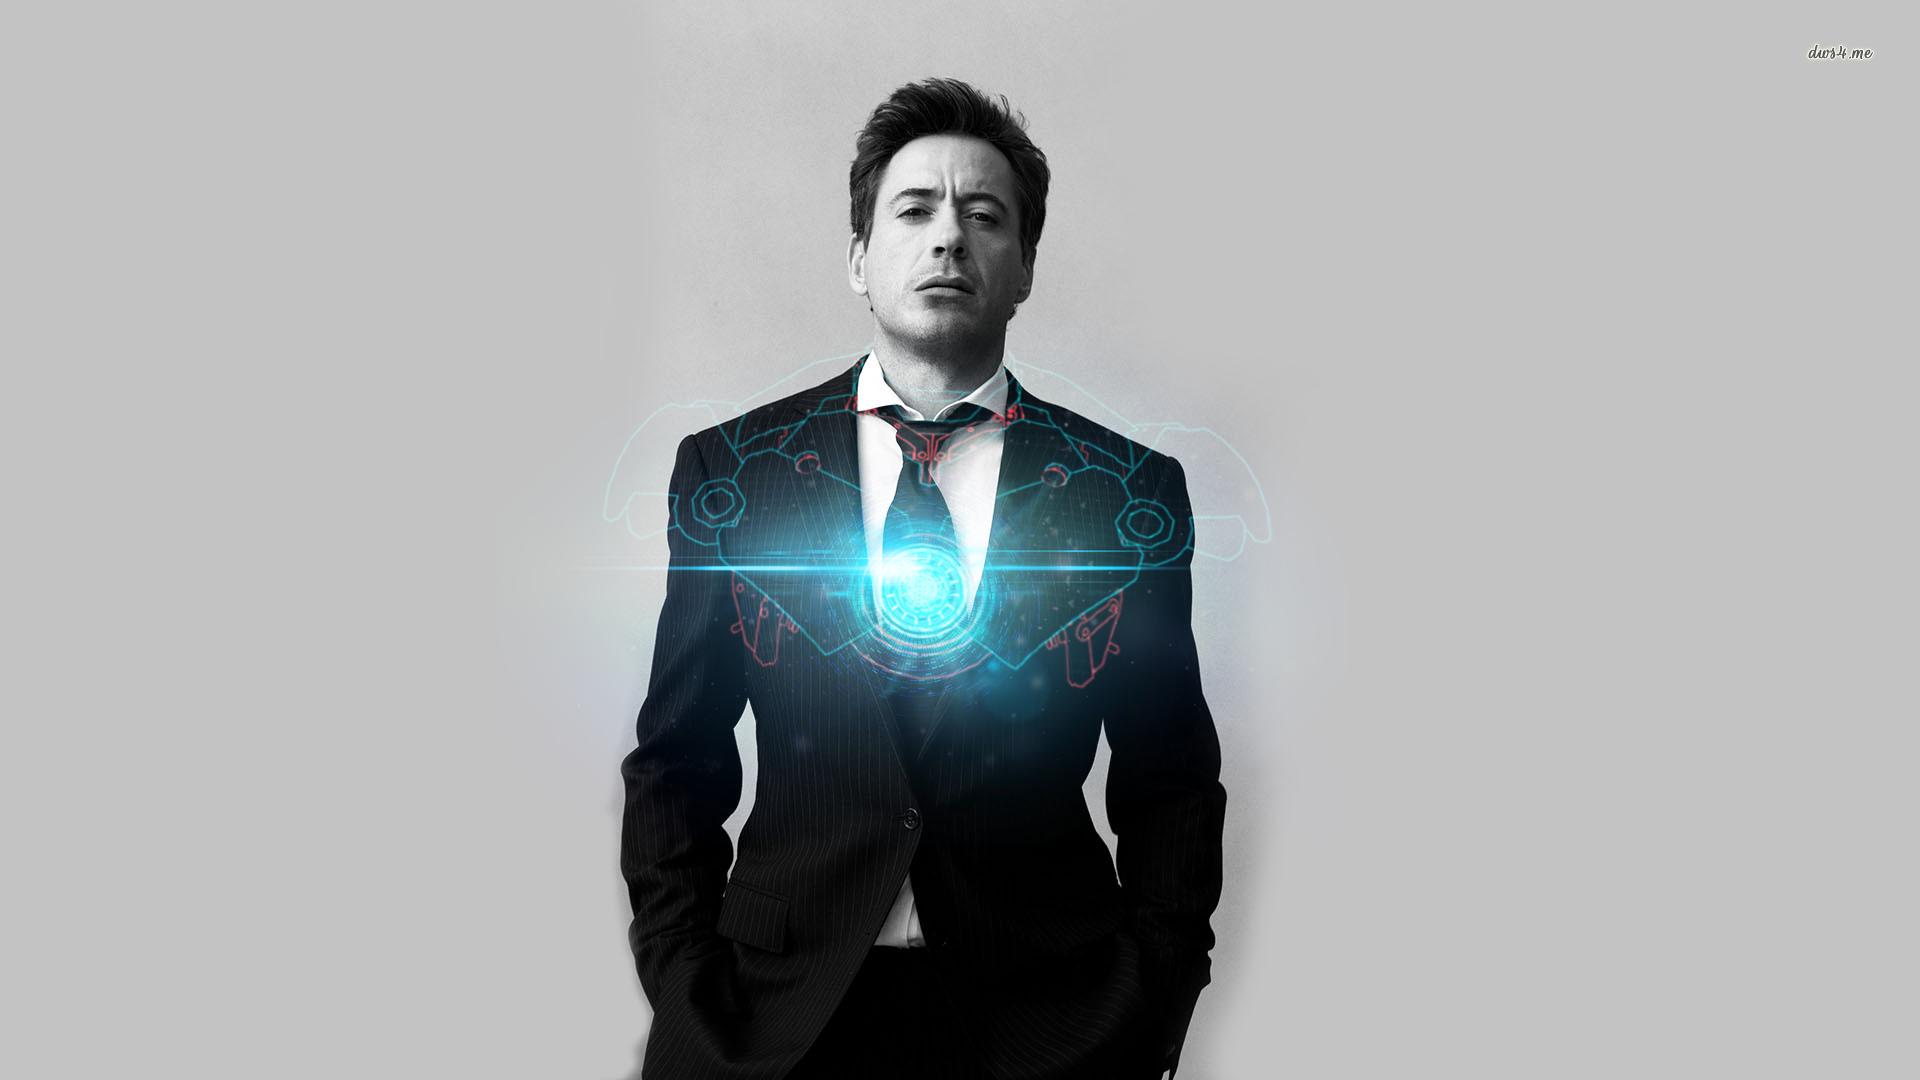 Iron man marvel superheroes tony stark robert downey jr